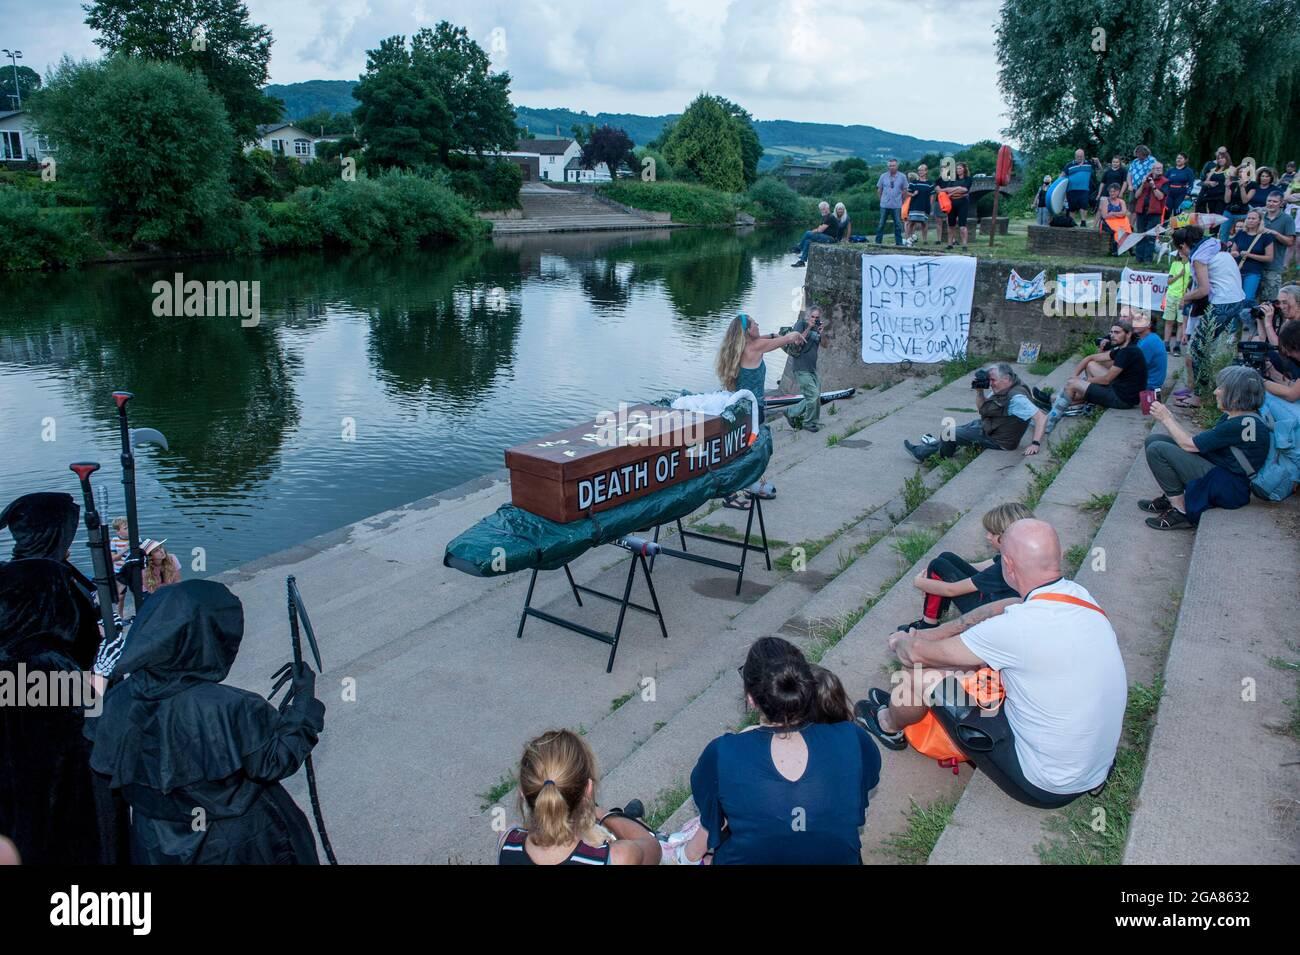 La especialista en natación salvaje y autora Angela Jones aka 'La Mujer Salvaje de la Wye' lleva un baño de 1km en la sección de Monmouth del río Wye para aumentar la conciencia sobre la condición ecológica terrible del río Wye y su continuo deterioro. Una réplica de ataúd en una tabla de paletas fue bajada al río y remolcada por Angela para representar la Muerte de la Wye. Su natación es parte de #SaveTheWye una campaña paraguas para apoyar y construir la red de organizaciones e individuos que trabajan para proteger y restaurar la salud del río Wye y sus afluentes, para beneficio tanto de la vida silvestre como de la gente Foto de stock